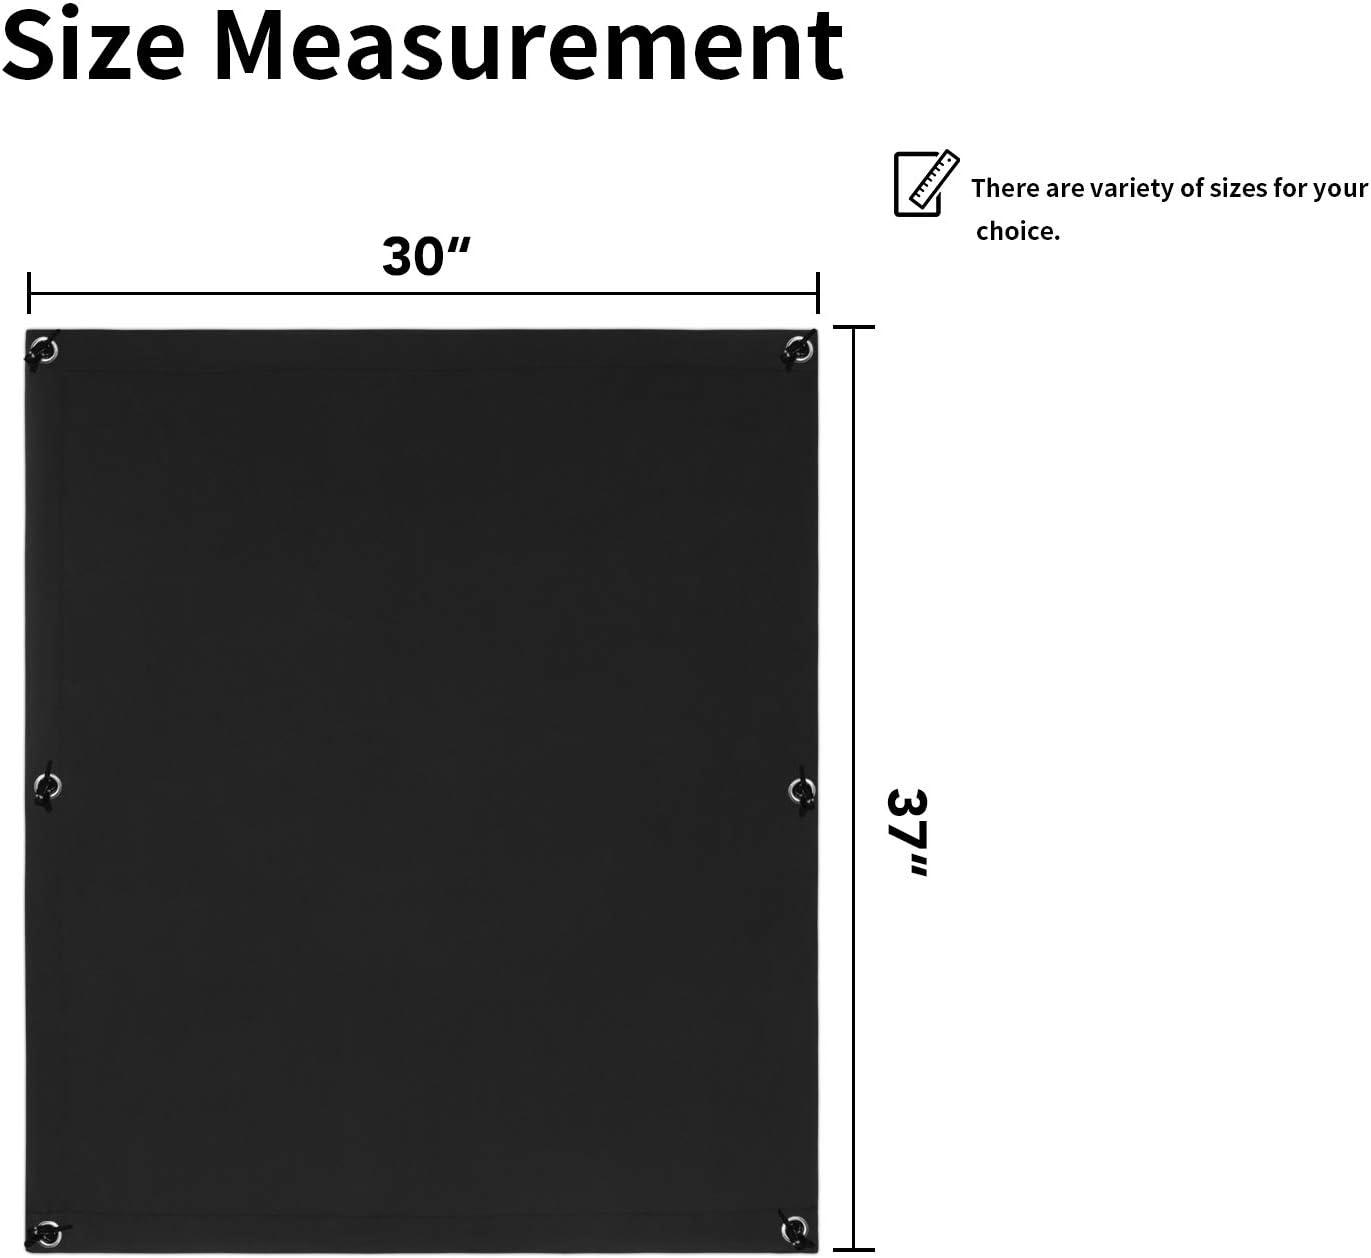 Greatime 100/% Ombrage Complet Rideau Rideau Ventouse pour Fenetre de Toit Portable Sotre Occultant /… Chocolat 38x75 cm